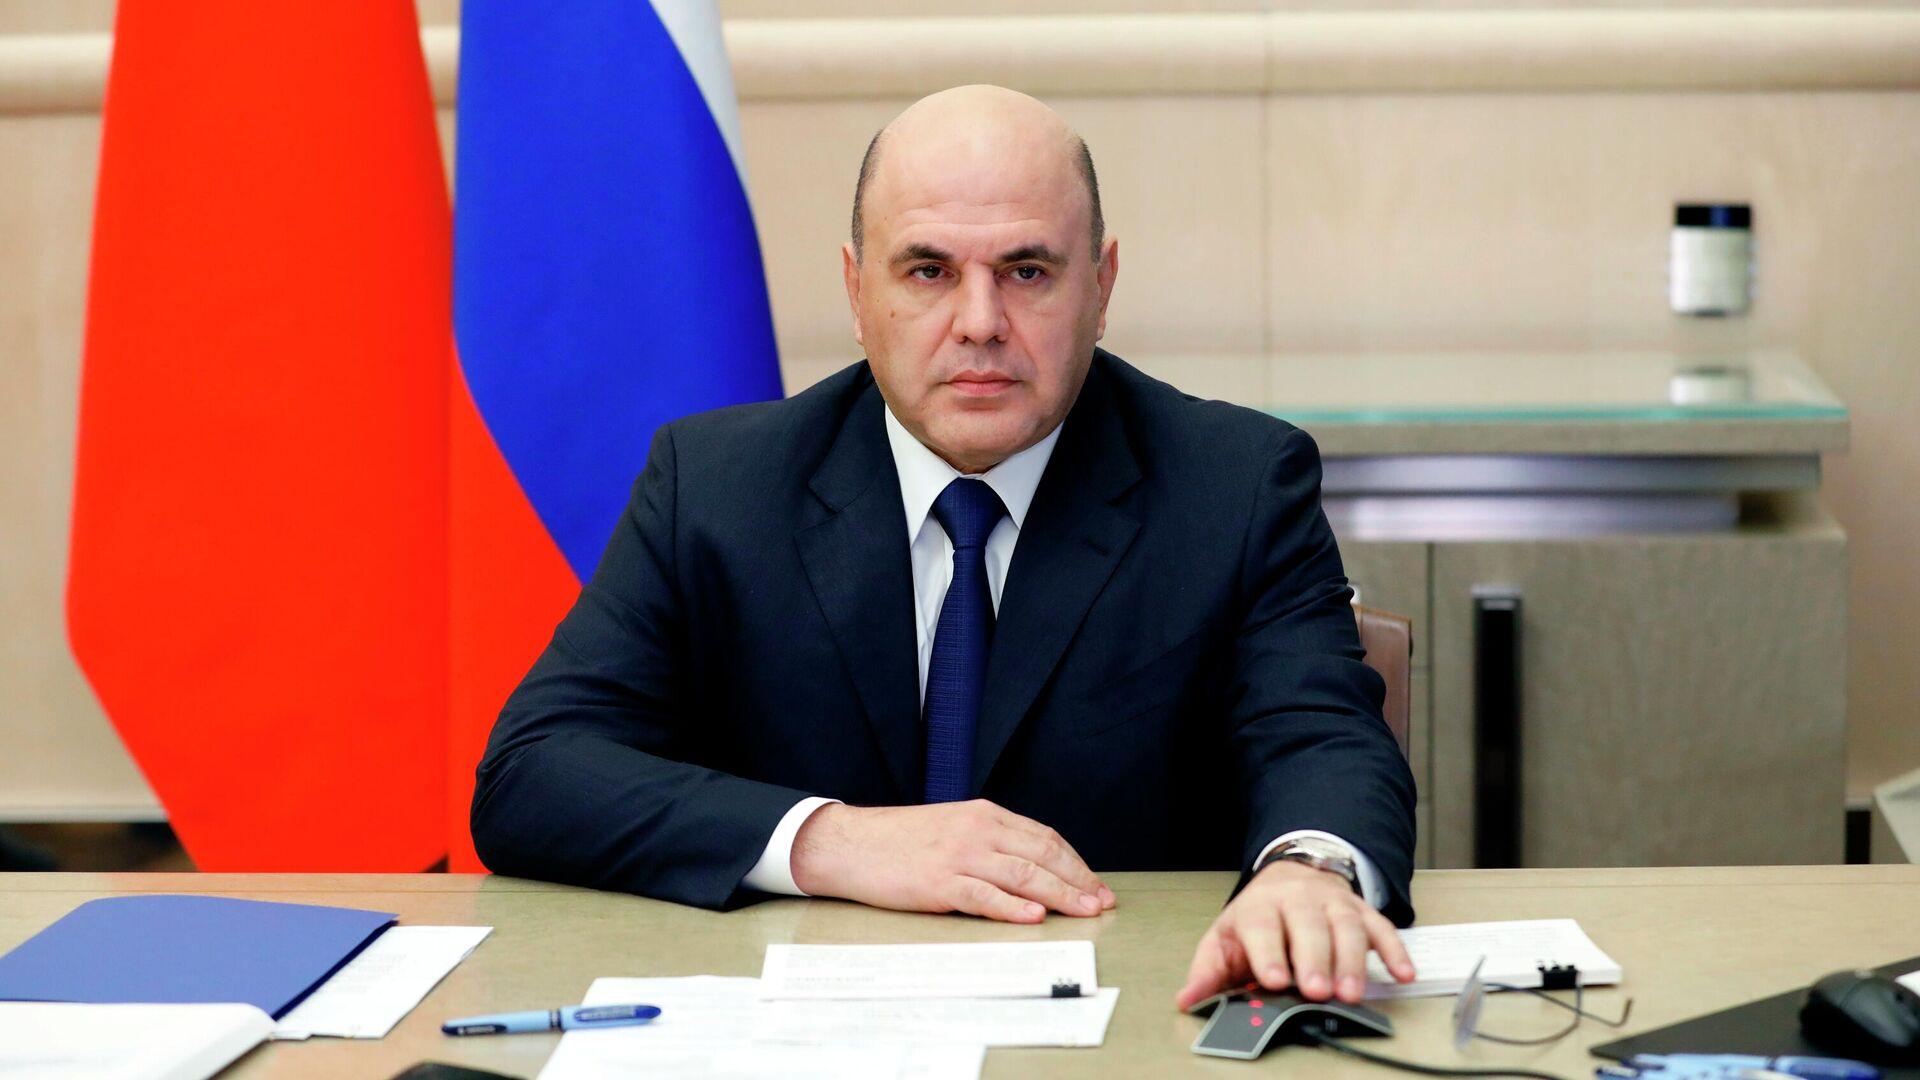 Мишустин объявил  оличной ответственности глав регионов завакцинацию